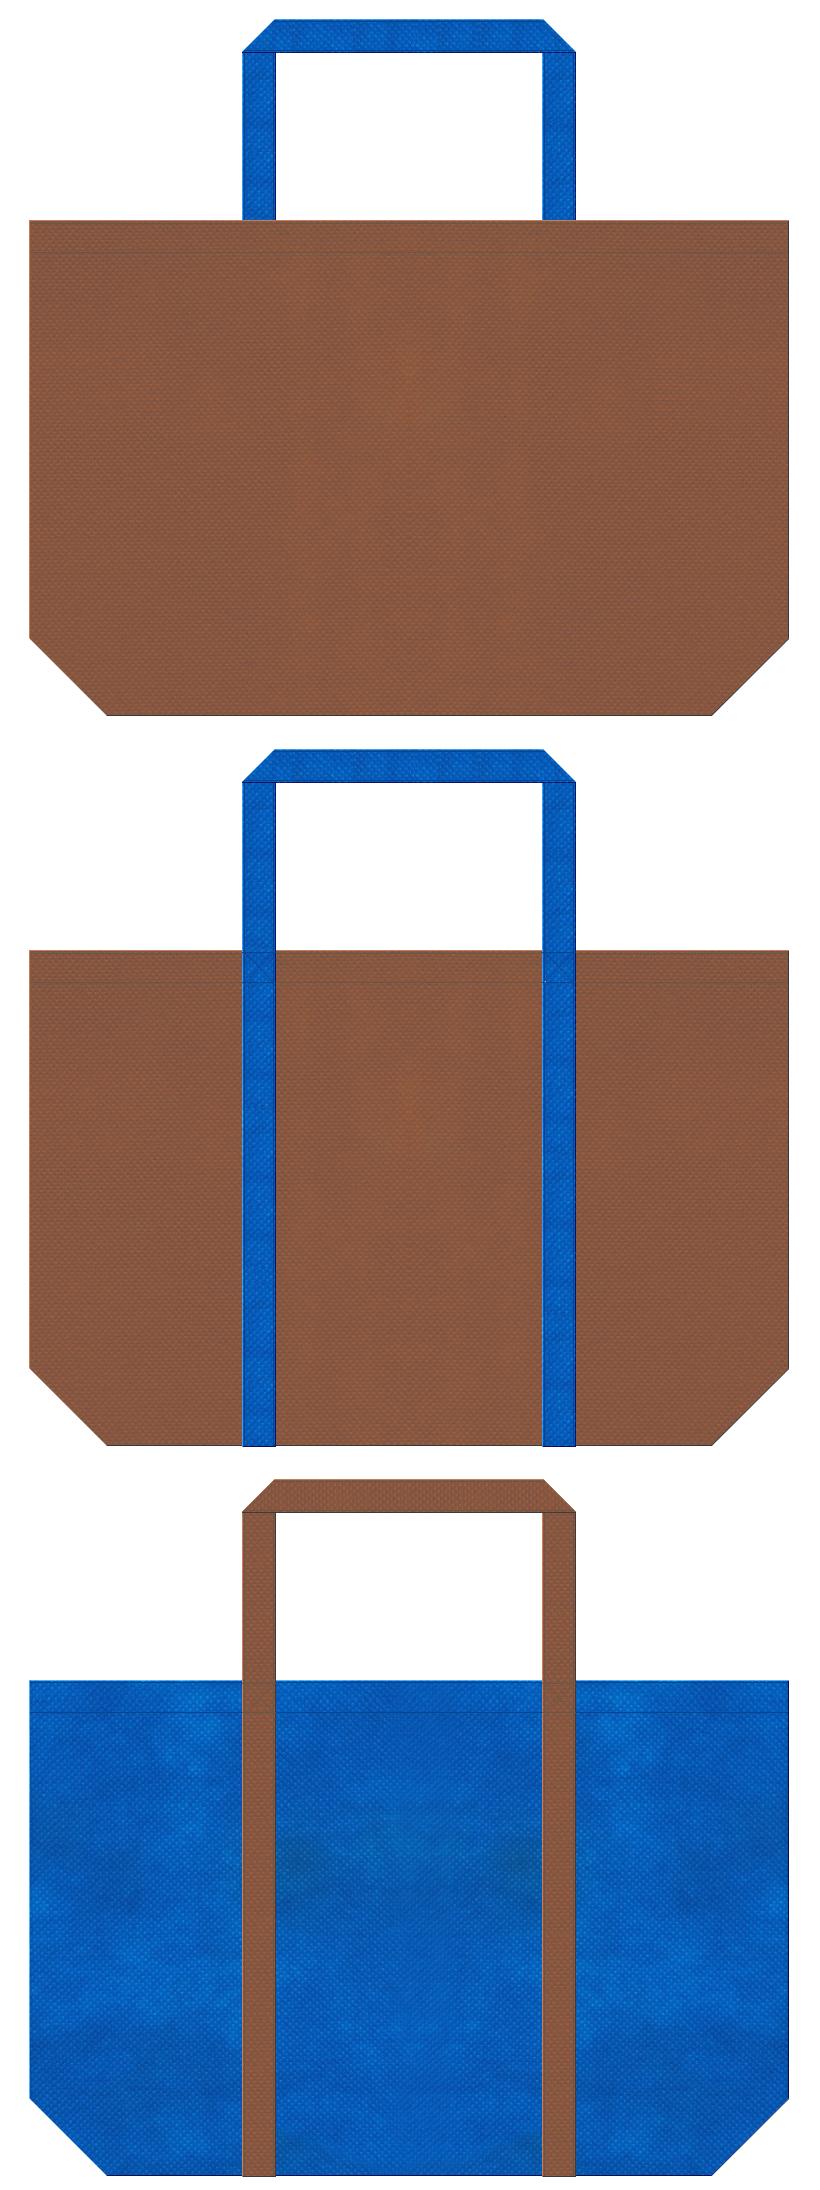 不織布トートバッグ 舟底タイプ 不織布カラーNo.7コーヒーブラウンとNo.22スカイブルーの組み合わせ